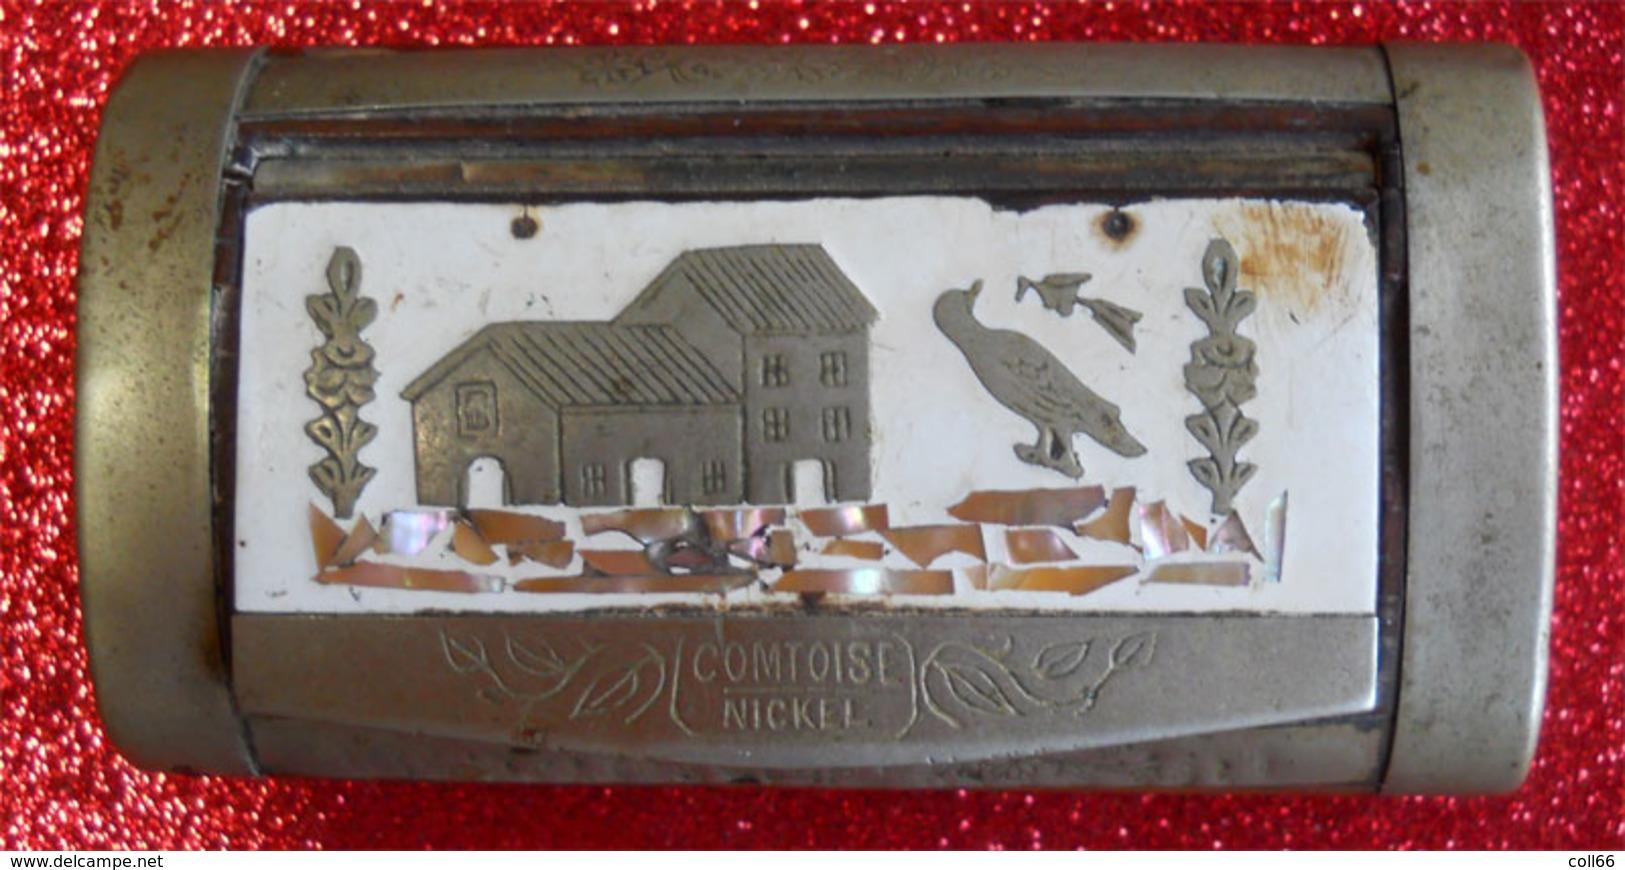 Magnifique Tabatière Ou Boîte à Priser Tabac Ancienne Pub Comtoise Nickel Antique Snuf Box Tobacco - Boites à Tabac Vides